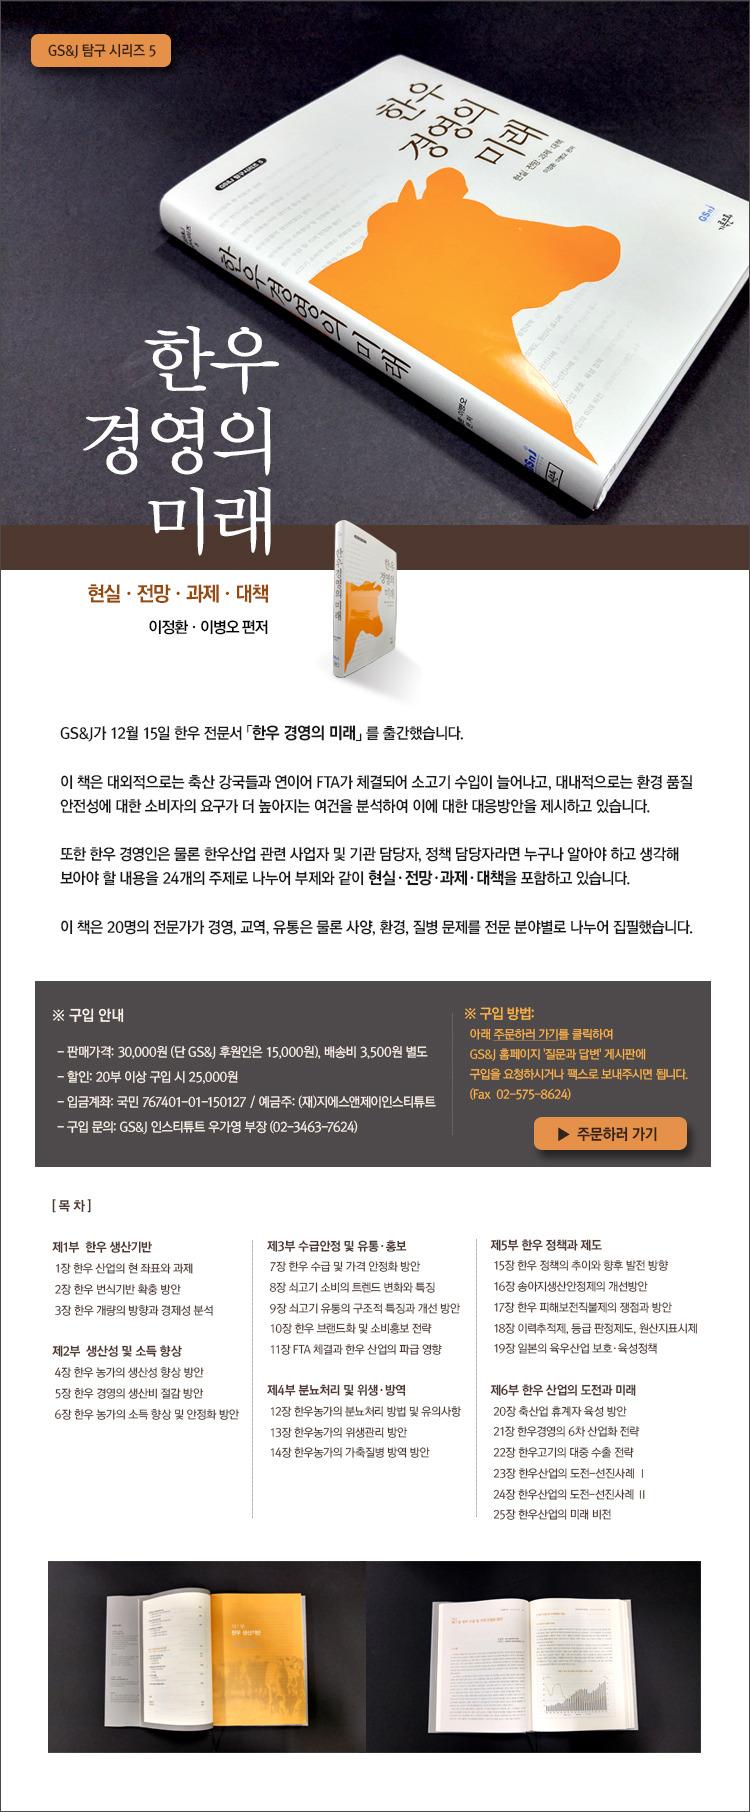 [알림] GS&J 탐구시리즈 5 「한우 경영의 미래」발간